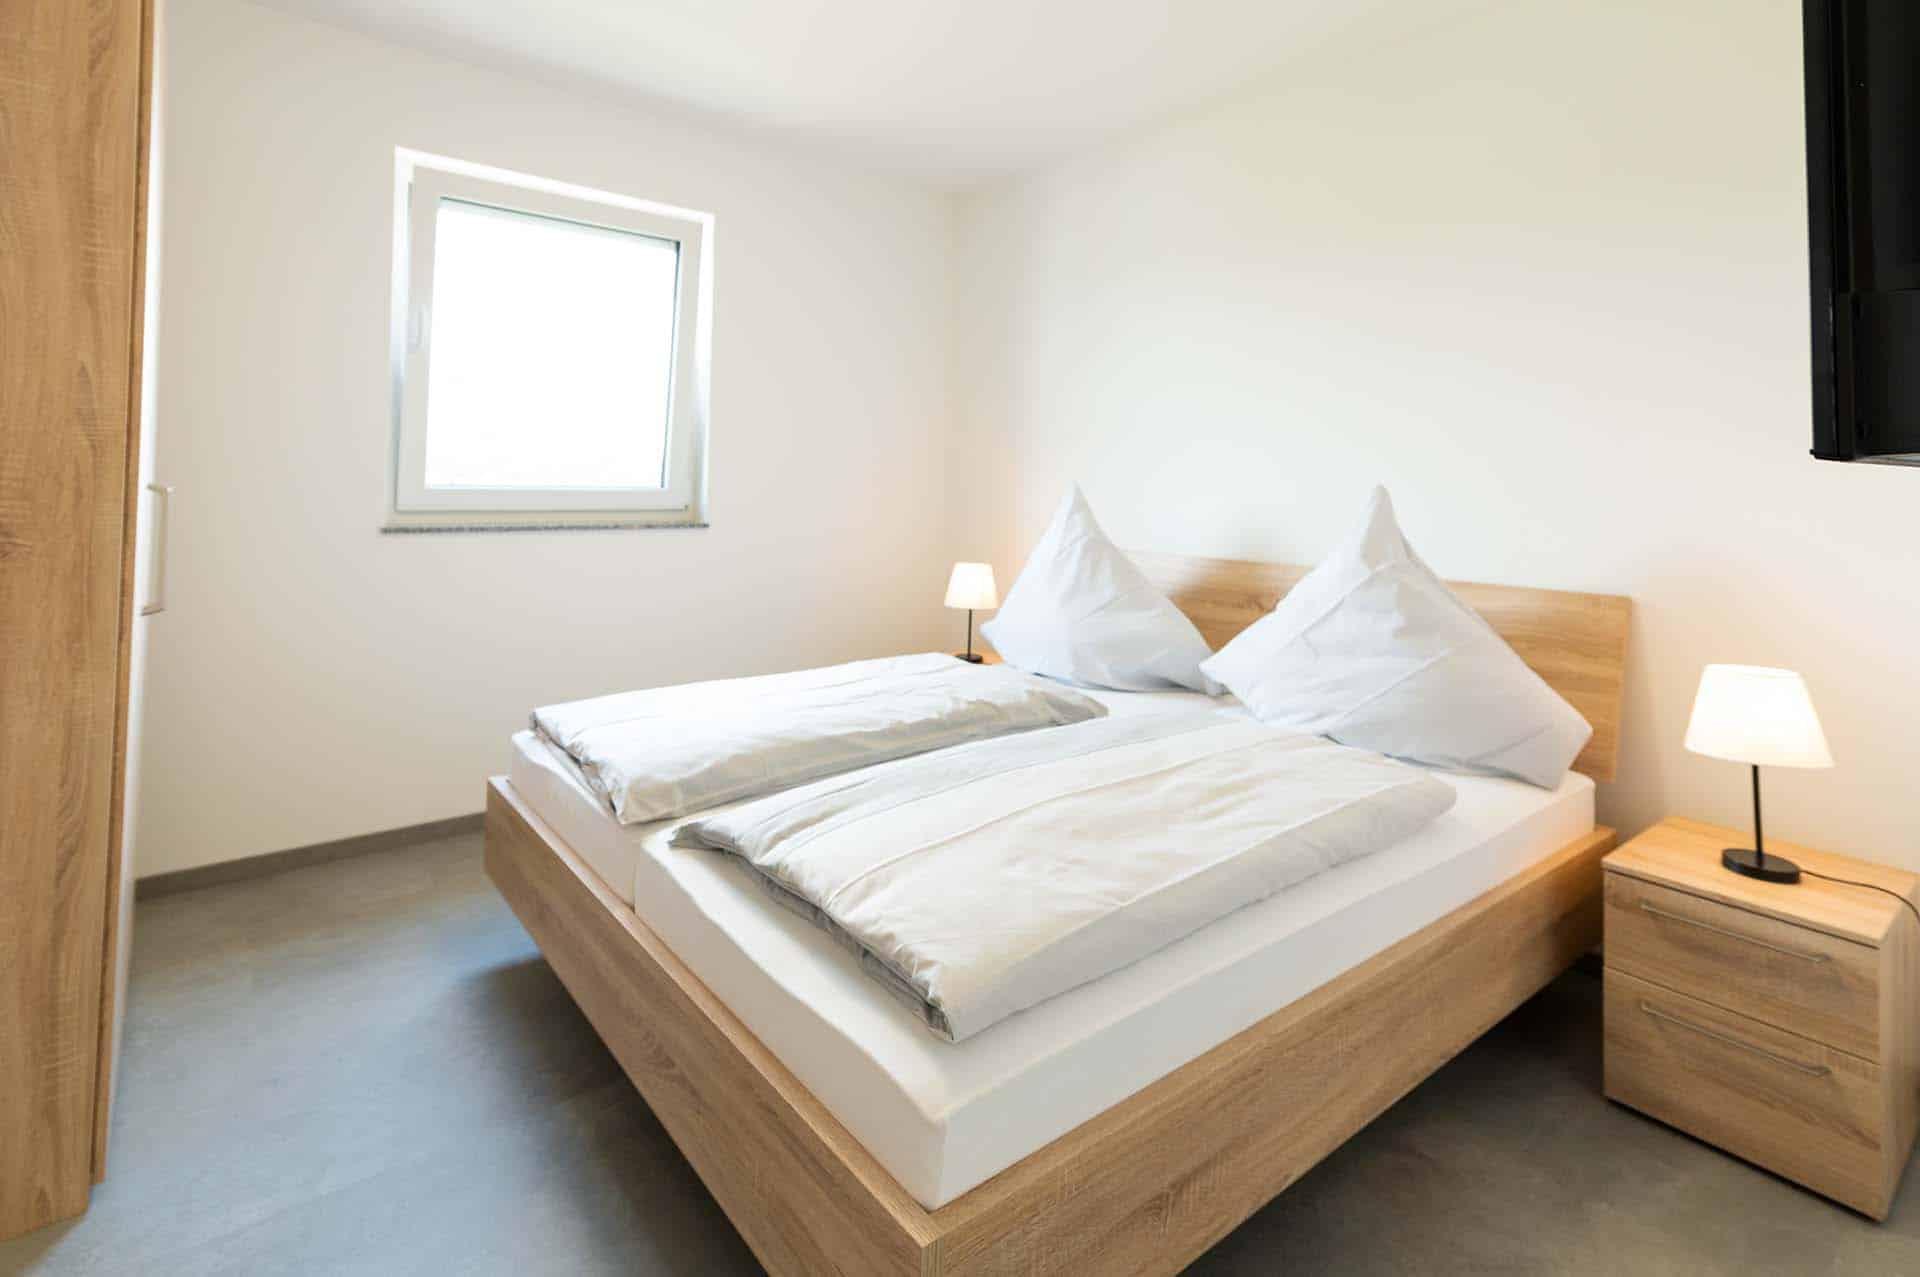 appartement-steine-an-der-grenze-schlafzimmer